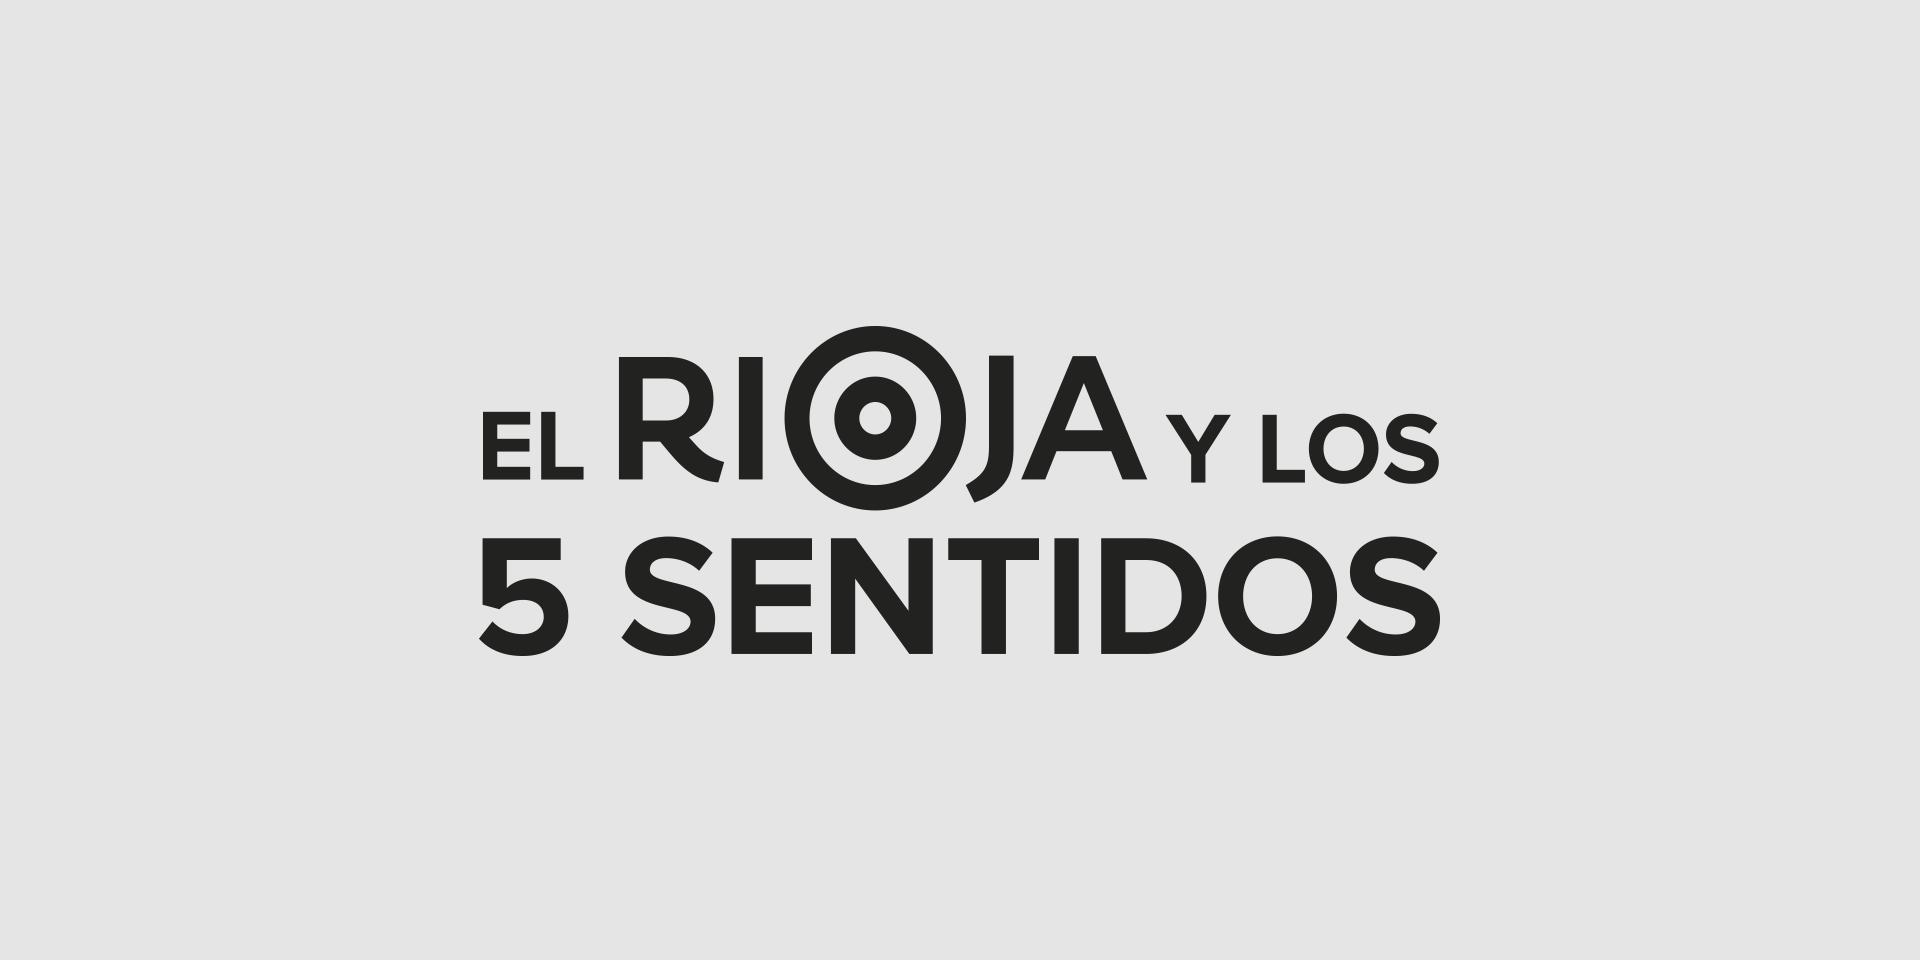 Diseño logotipo el rioja y los 5 sentidos